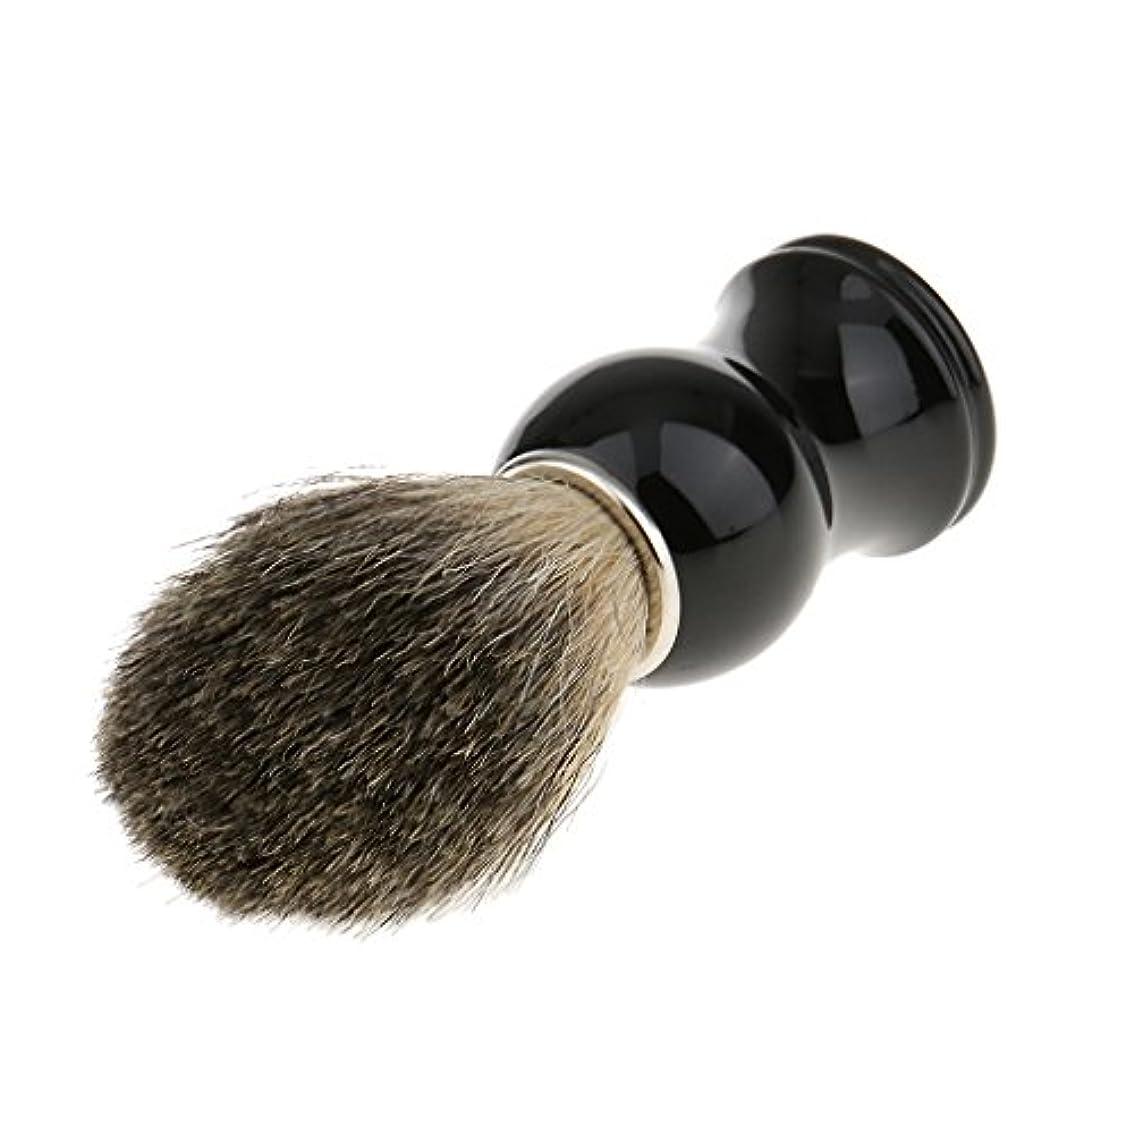 参加者四分円カーペットPerfk 人工毛 シェービングブラシ 柔らかい 理容  洗顔  髭剃り 便携 乾くやすい 11.2cm 全2色 - ブラックハンドル